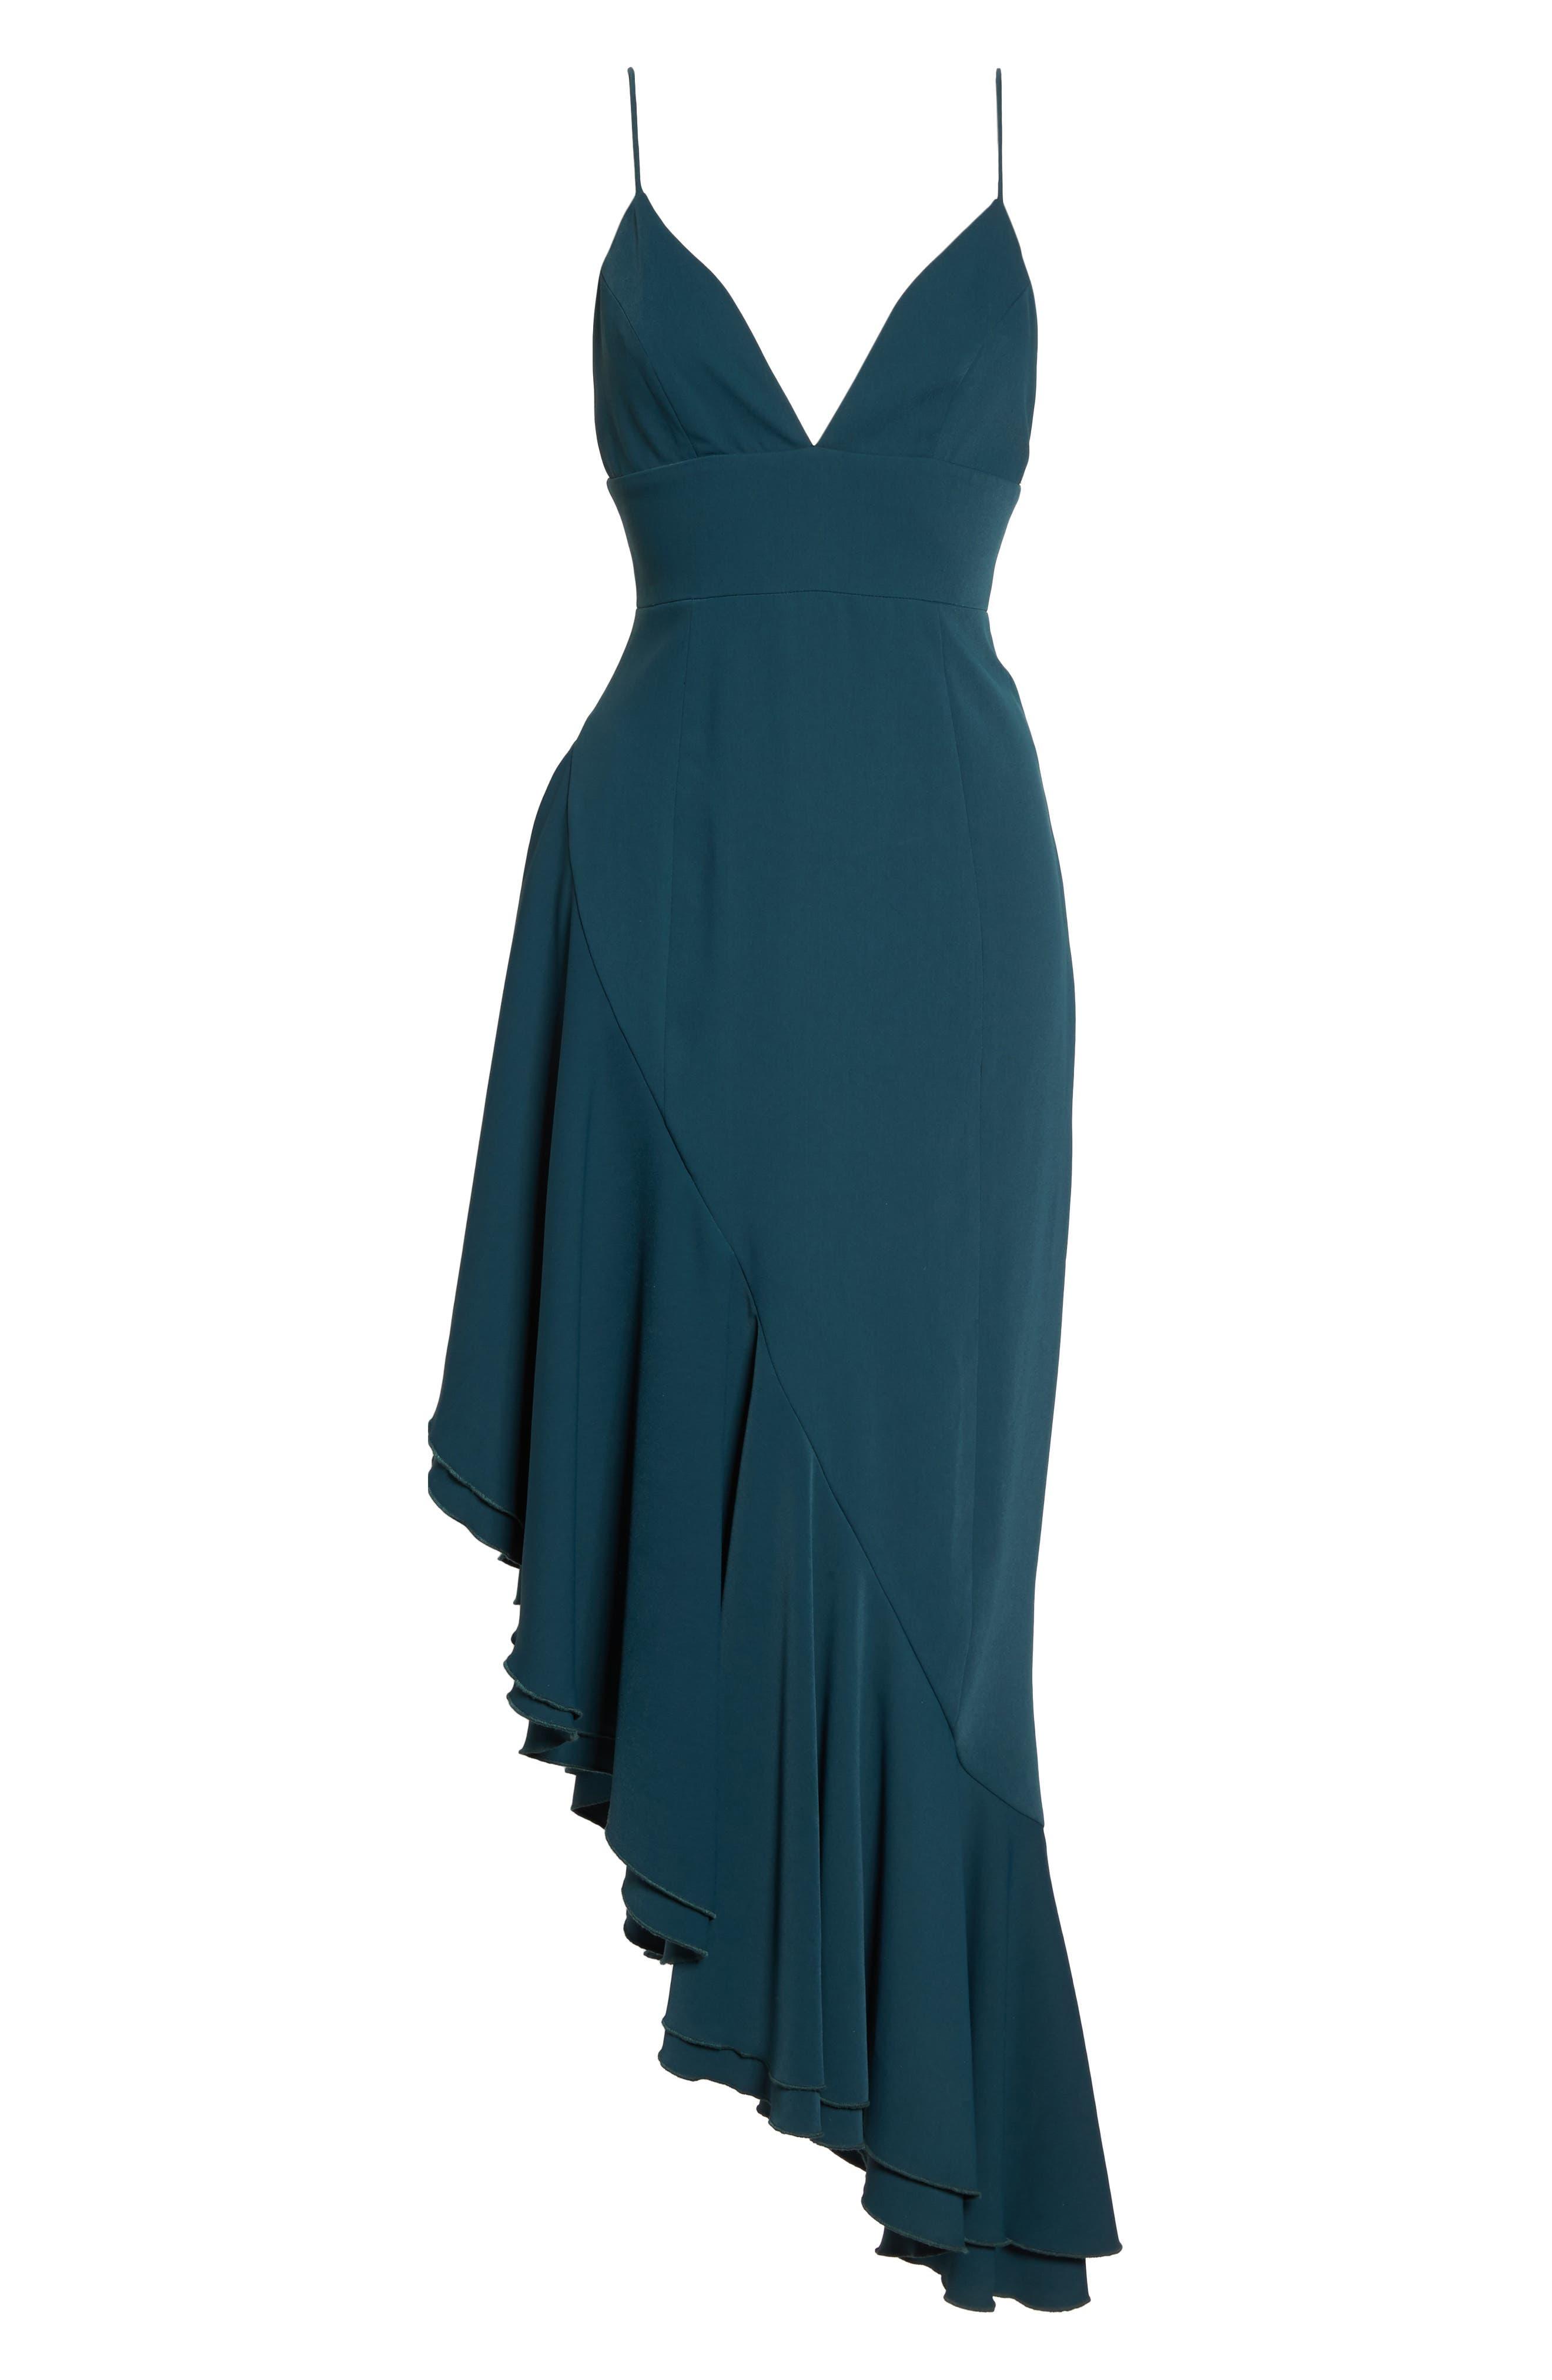 Temptation Asymmetrical Gown,                             Alternate thumbnail 6, color,                             300